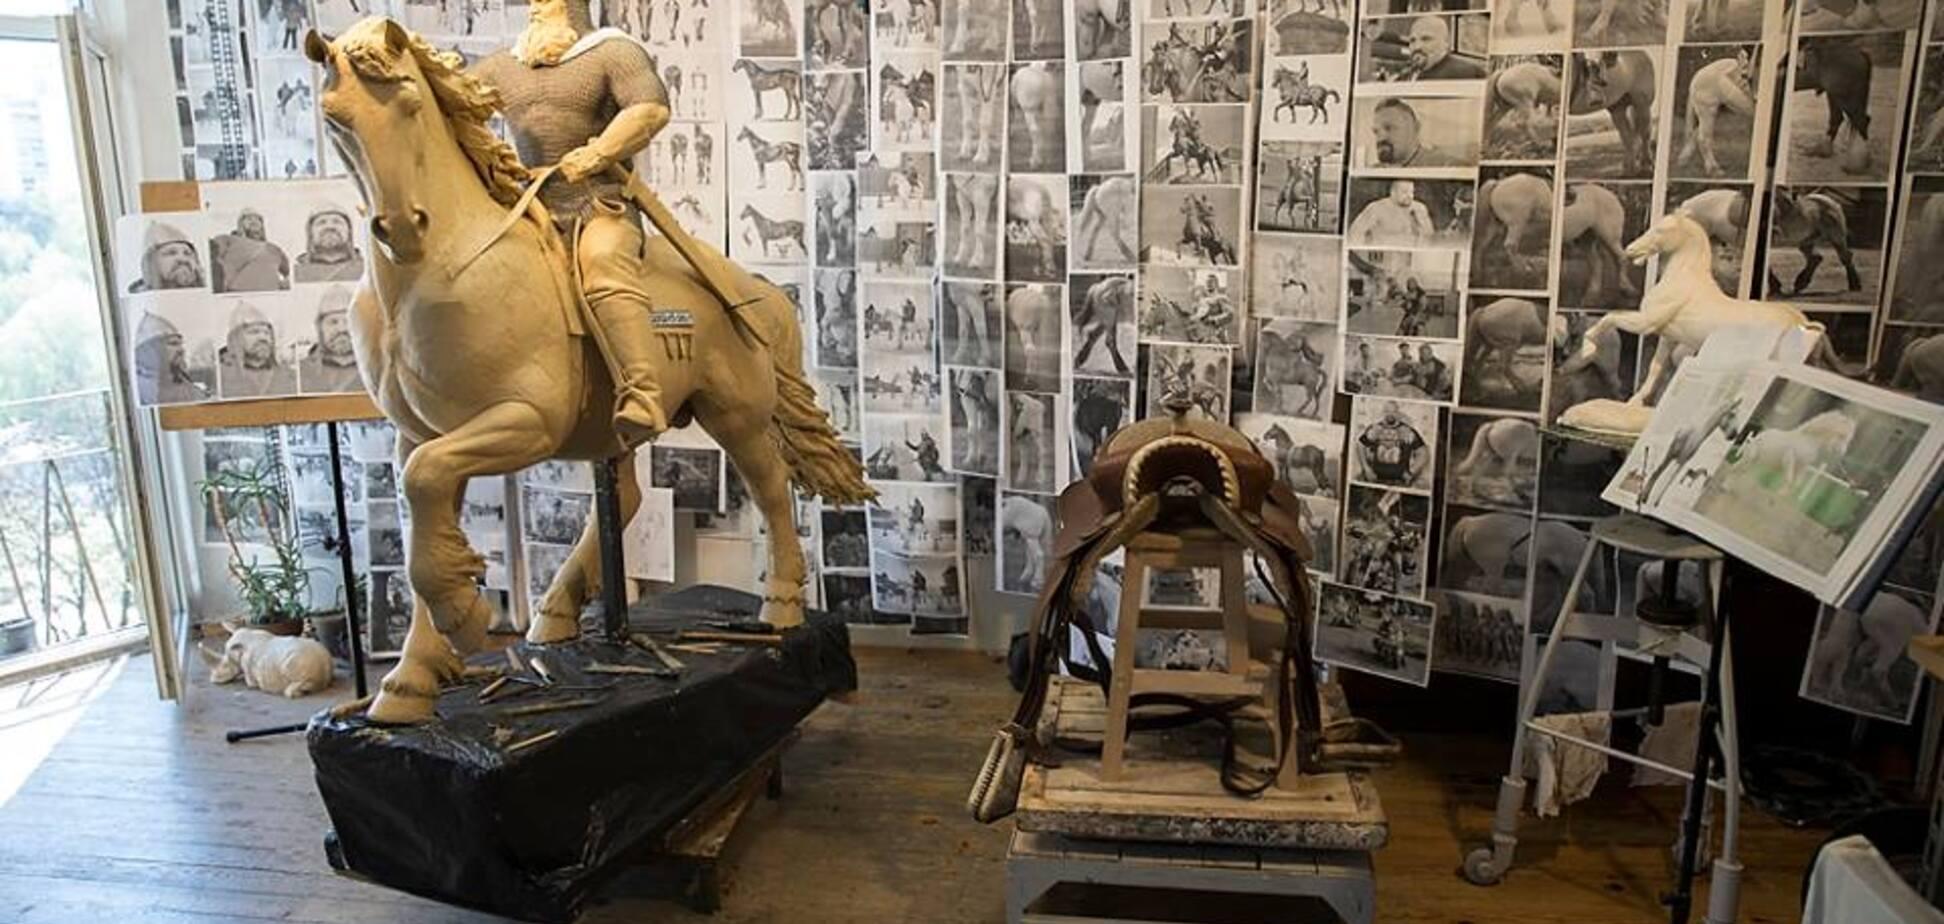 Украинский богатырь стал моделью для памятника Илье Муромцу